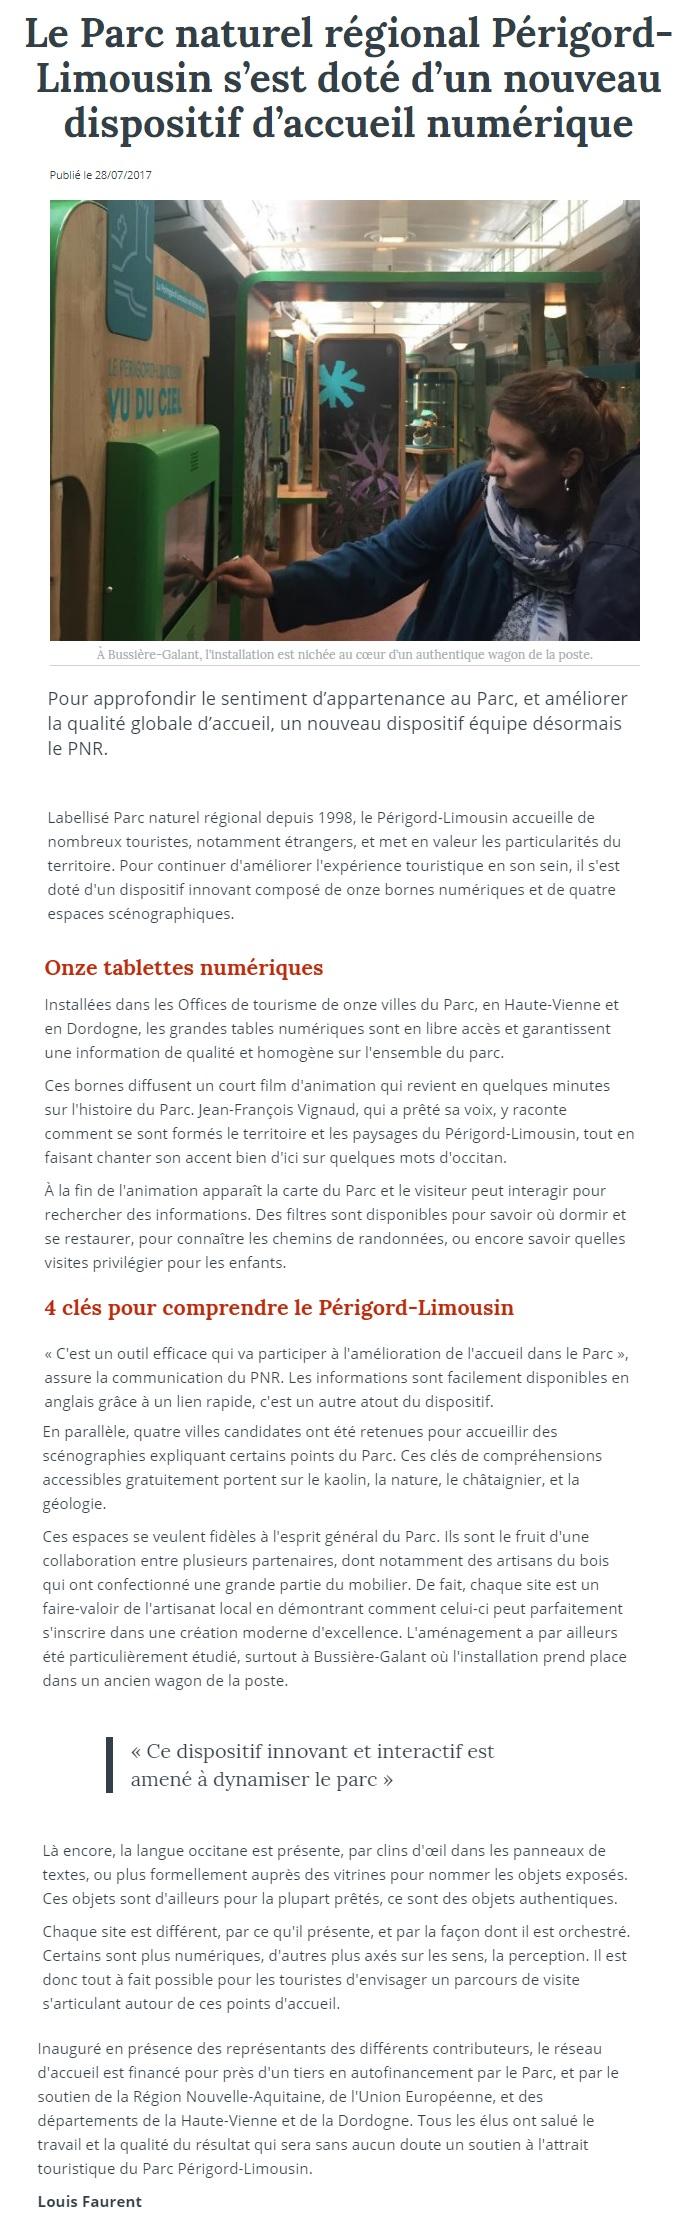 Louis Faurent Le Populaire 28 07 2017